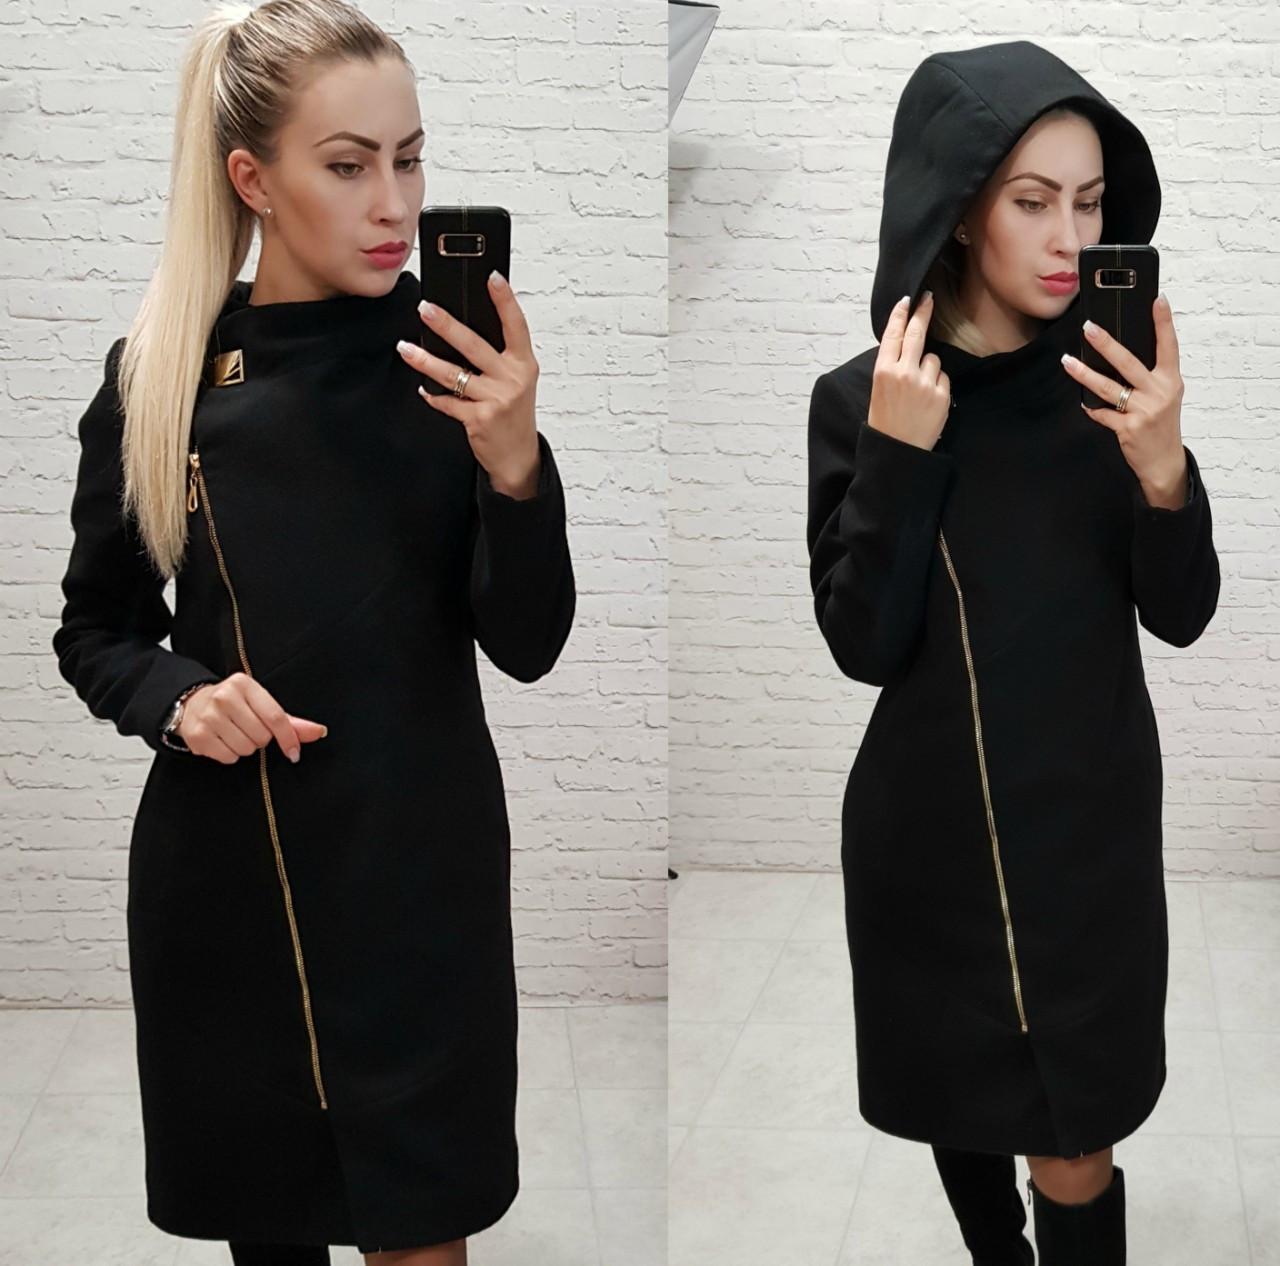 Пальто кашемировое с капюшоном, модель 136, цвет - черный